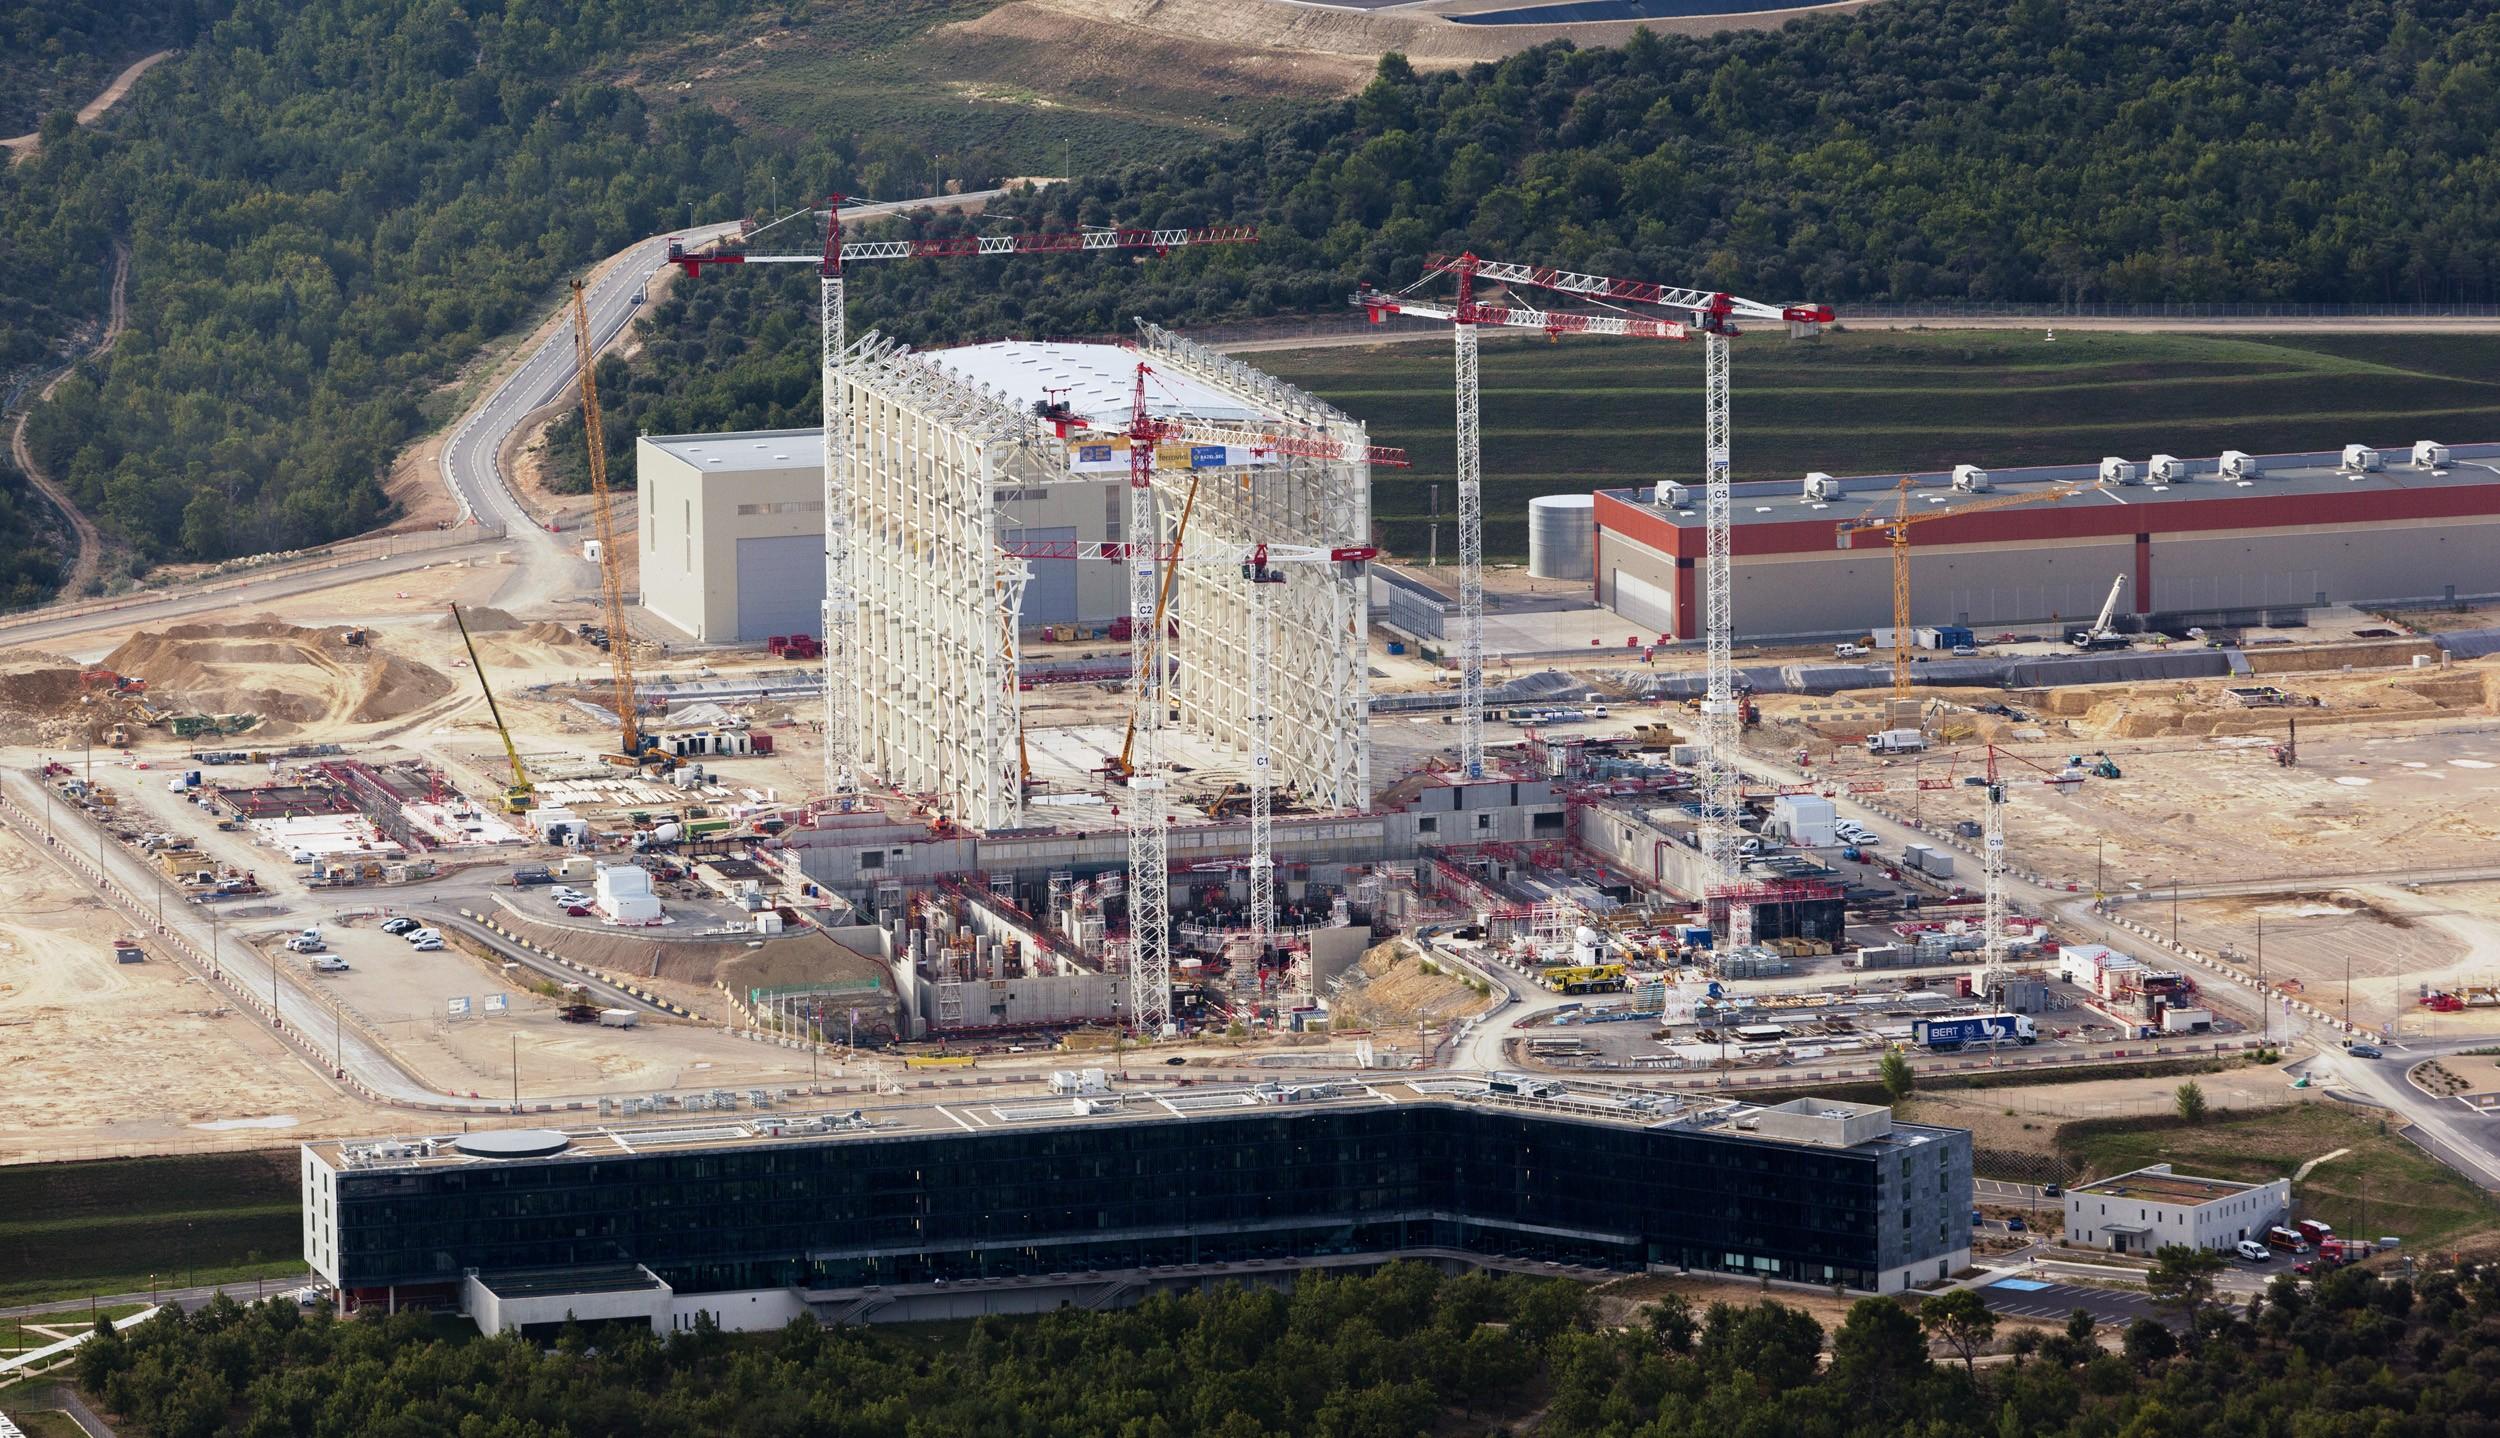 Fusionsreaktor Frankreich